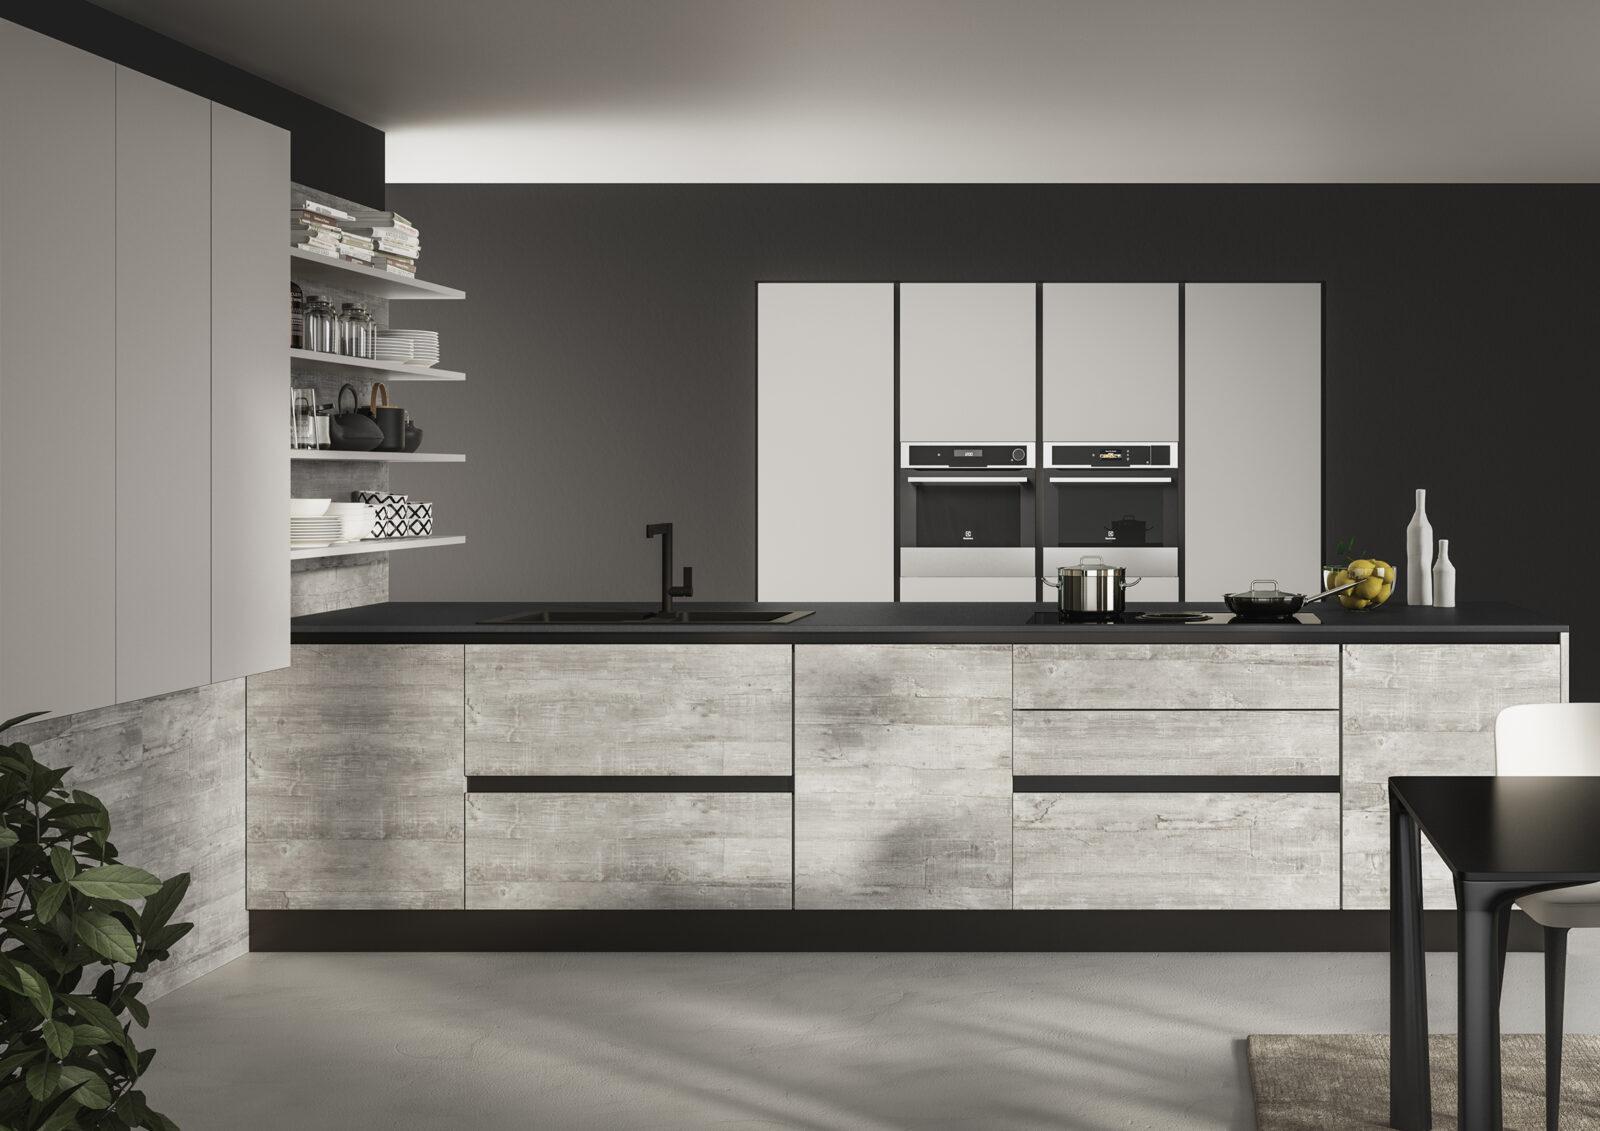 Fabbrica Cucine Budrio – Linea B Cucine